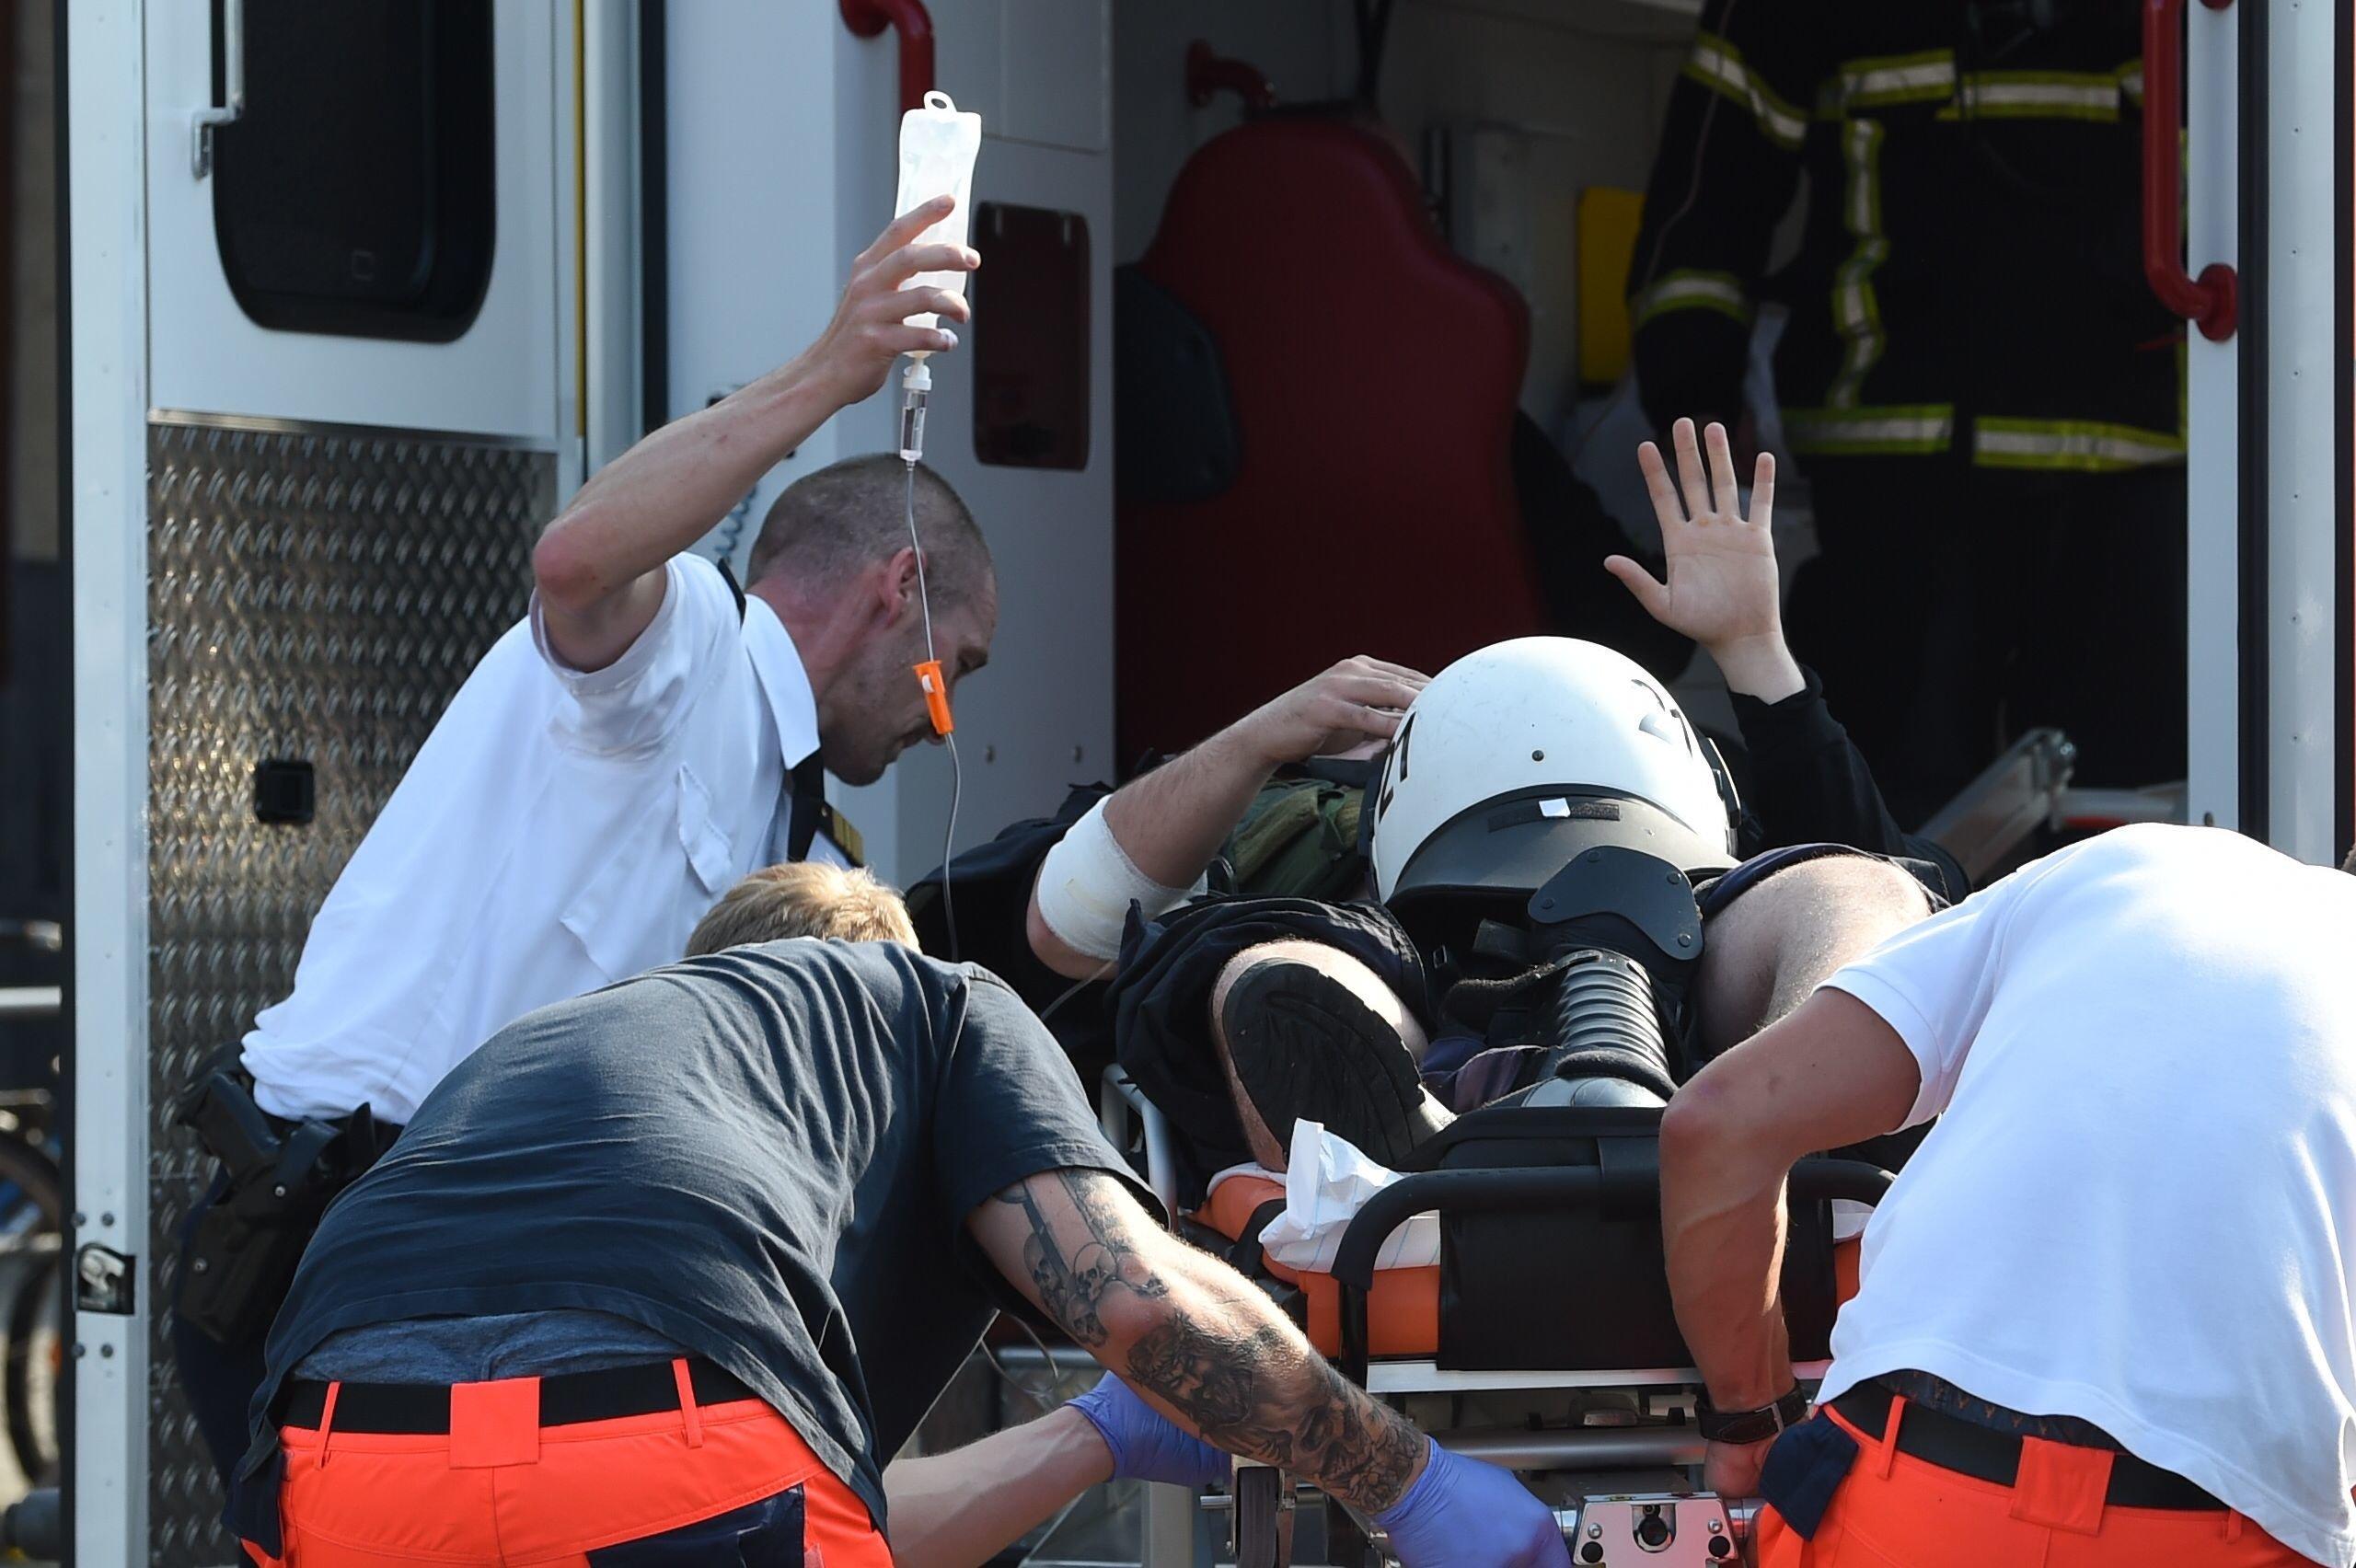 Mann greift Sanitäter an und will auf Defibrillator urinieren – Fall zeigt, wie alltäglich Gewalt gegen Retter